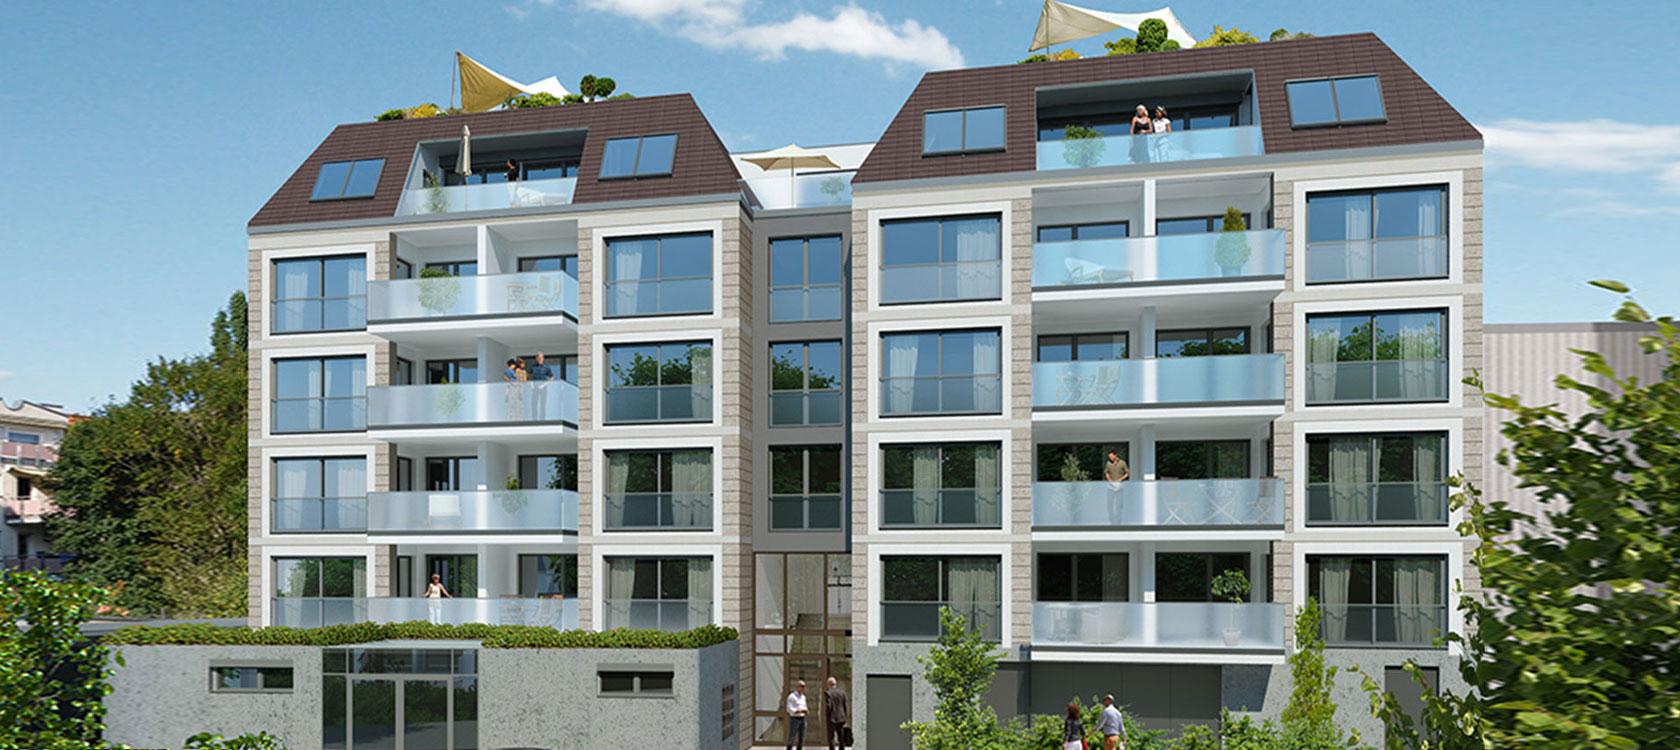 Schöner Wohnen Immobilien Referenzen Schöner Wohnen Immobilien